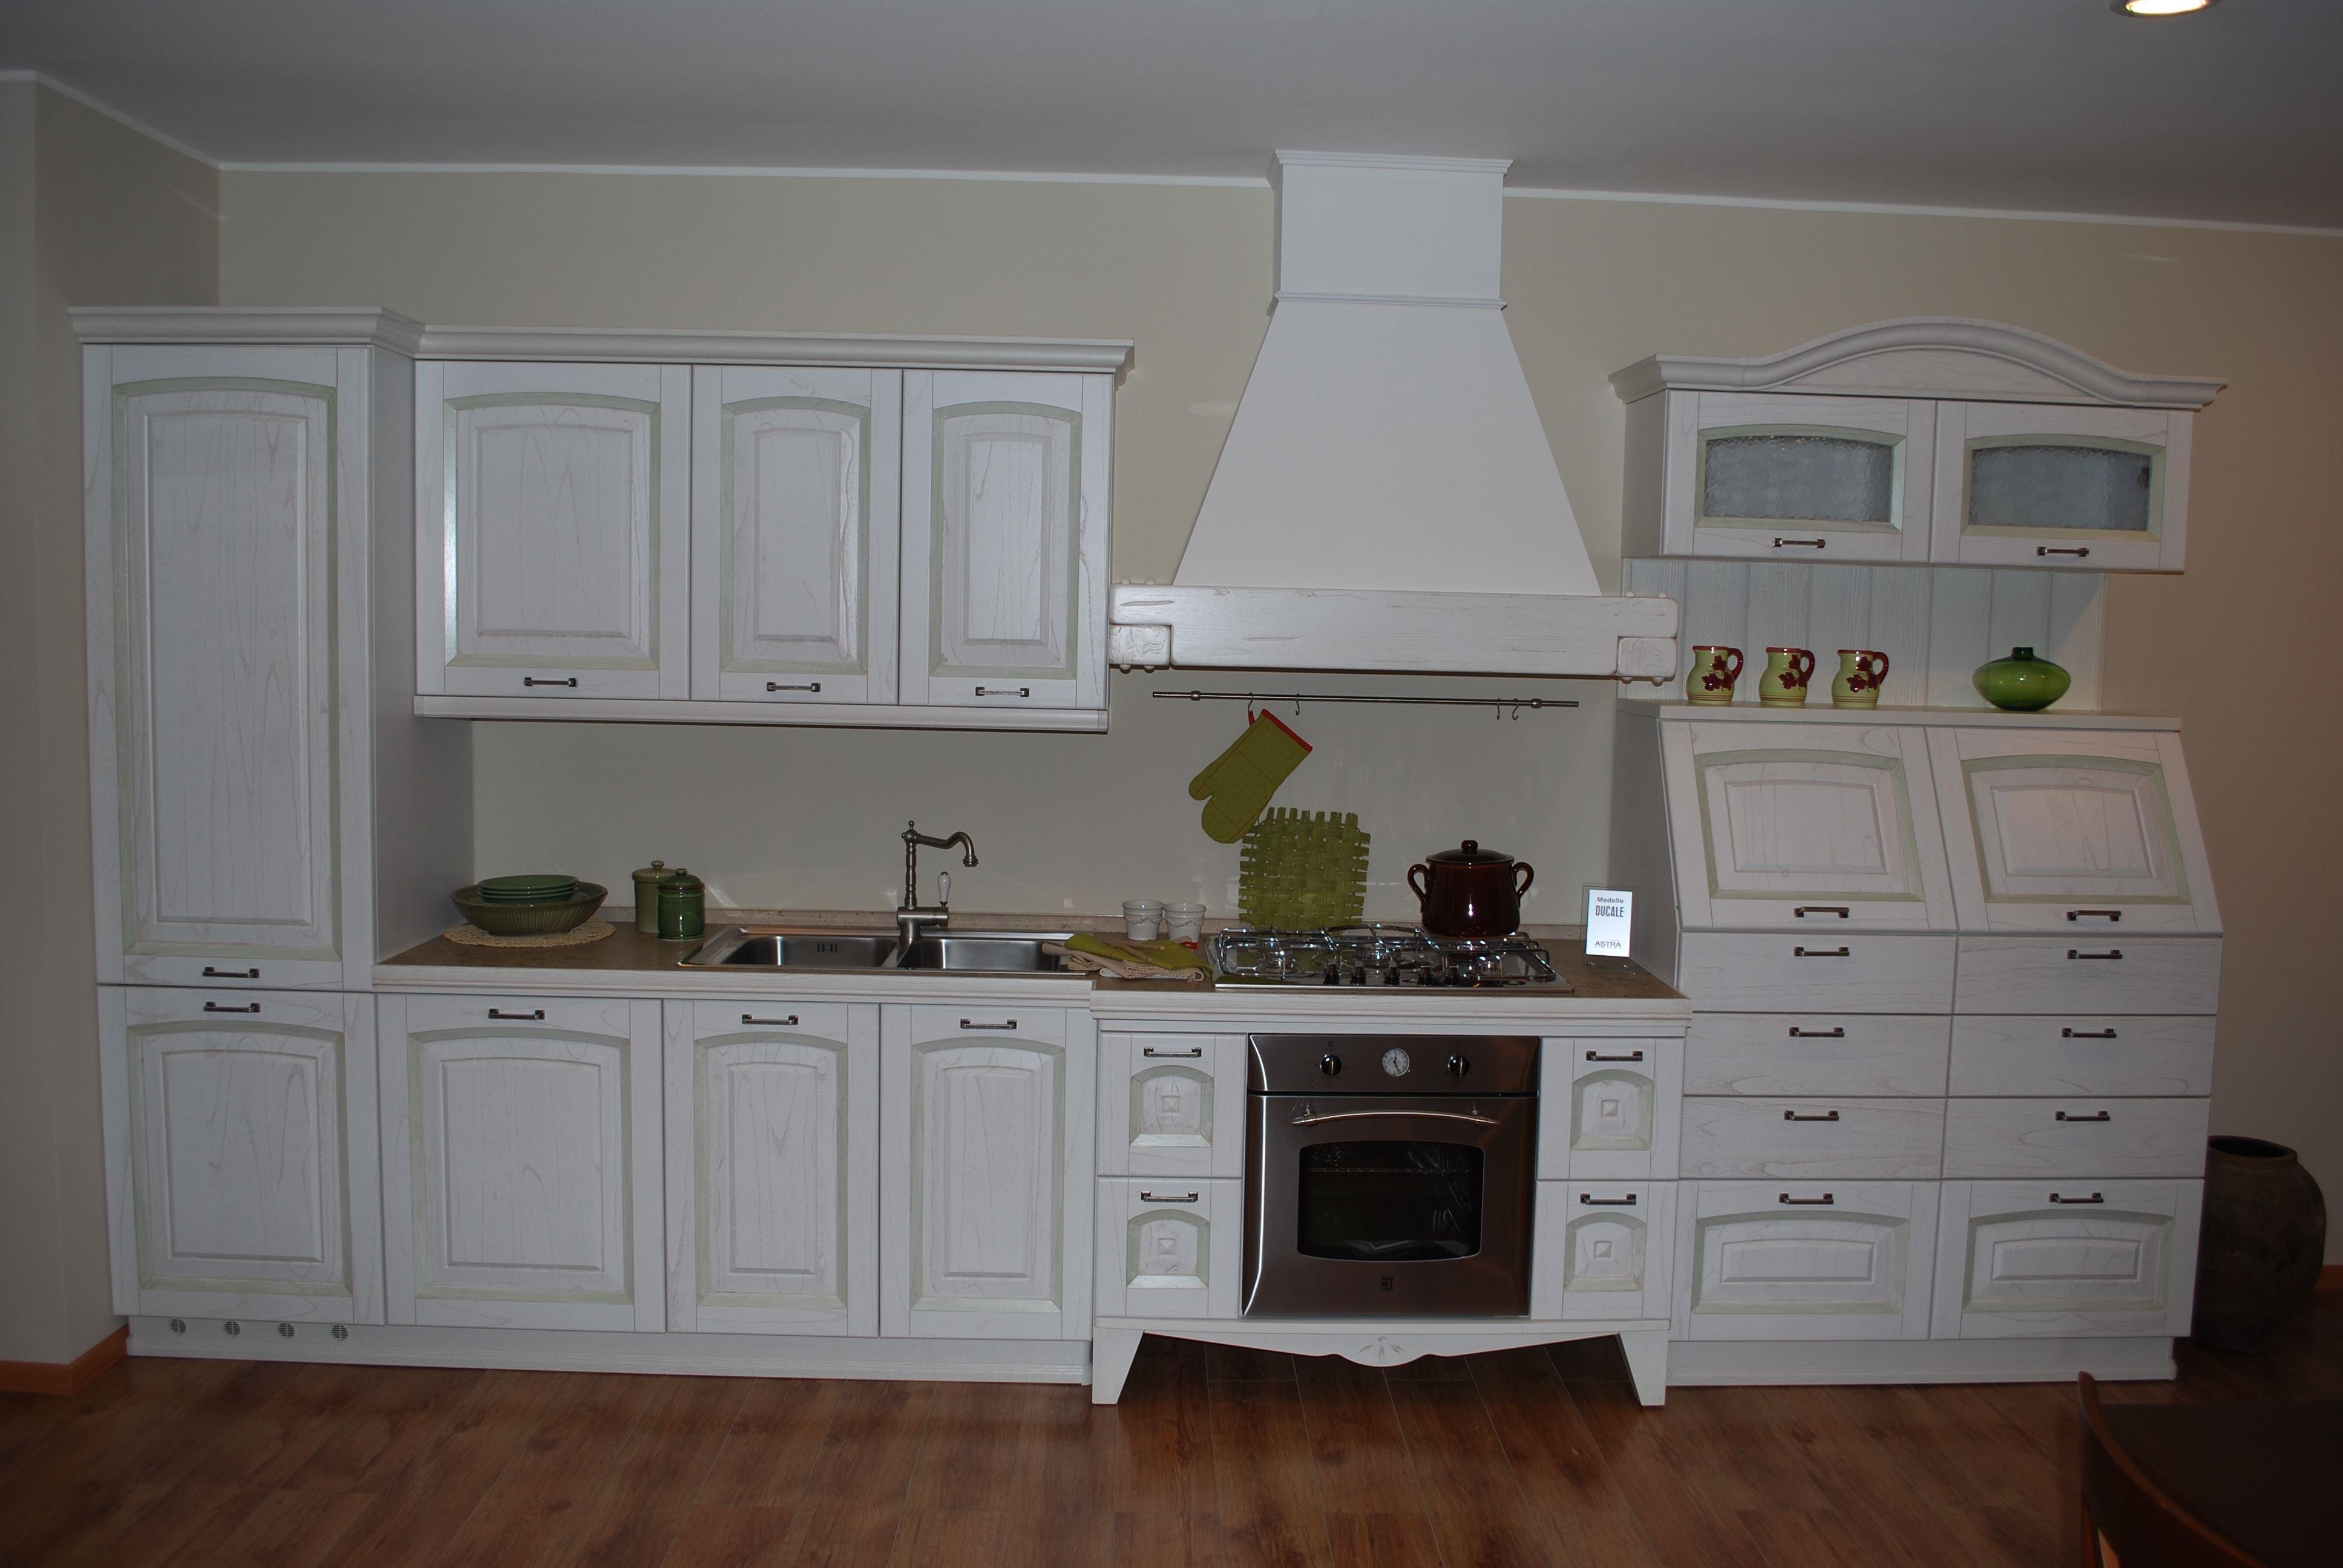 Cucina astra cucine ducale classico legno bianca cucine a prezzi scontati - Cucina color panna ...